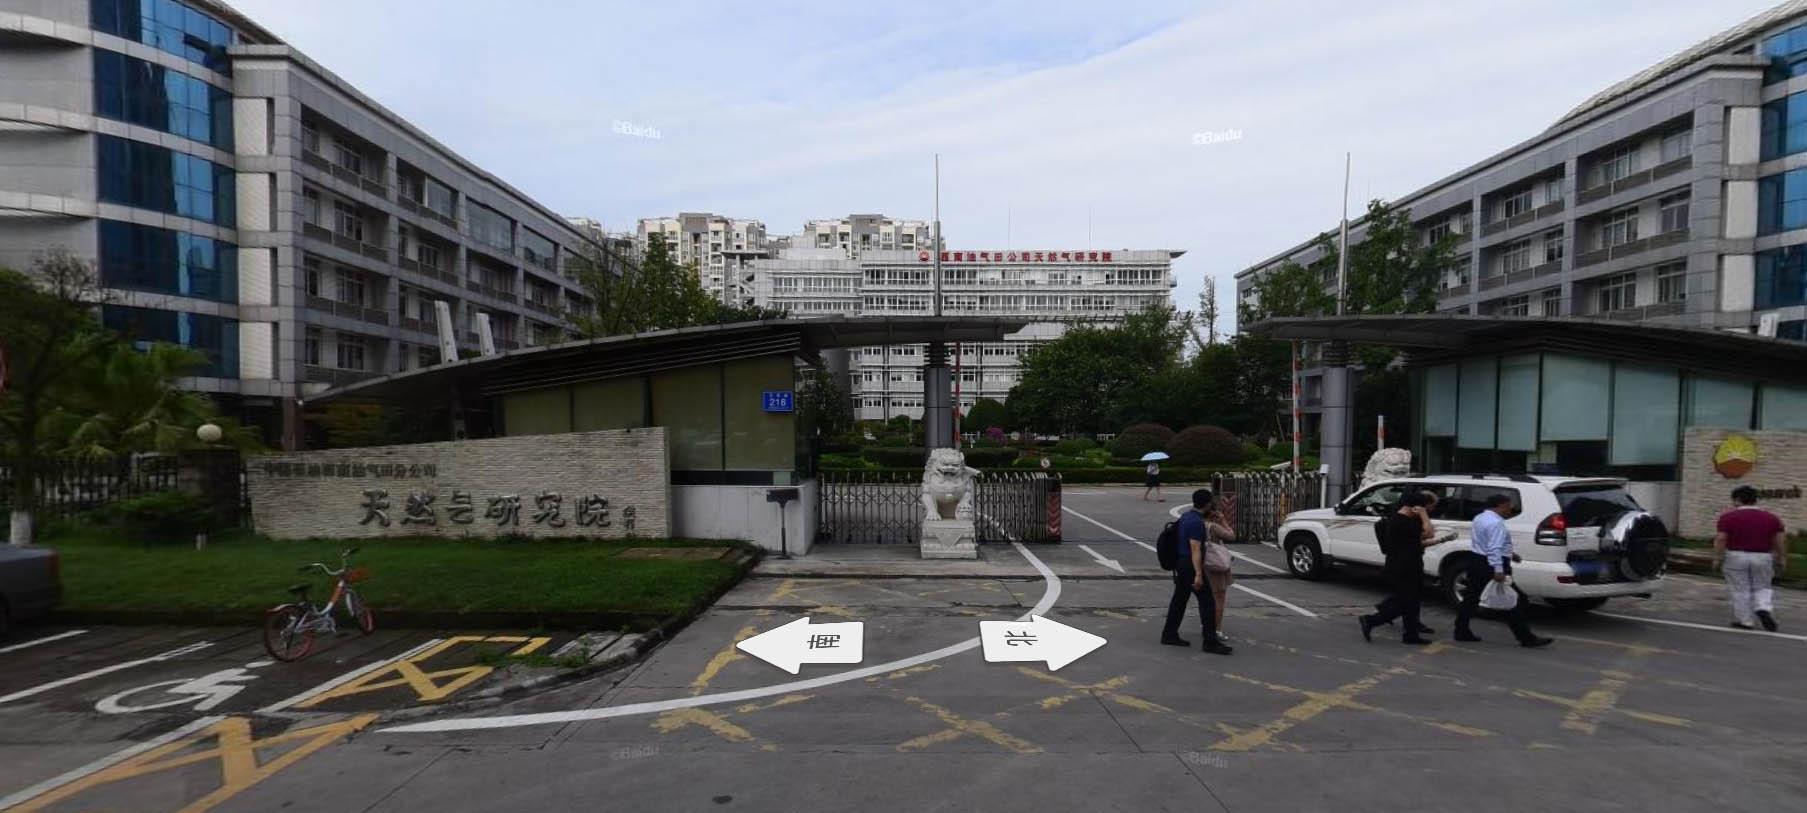 中國石油天然氣股份有限公司西南油氣田分公司天然氣研究院